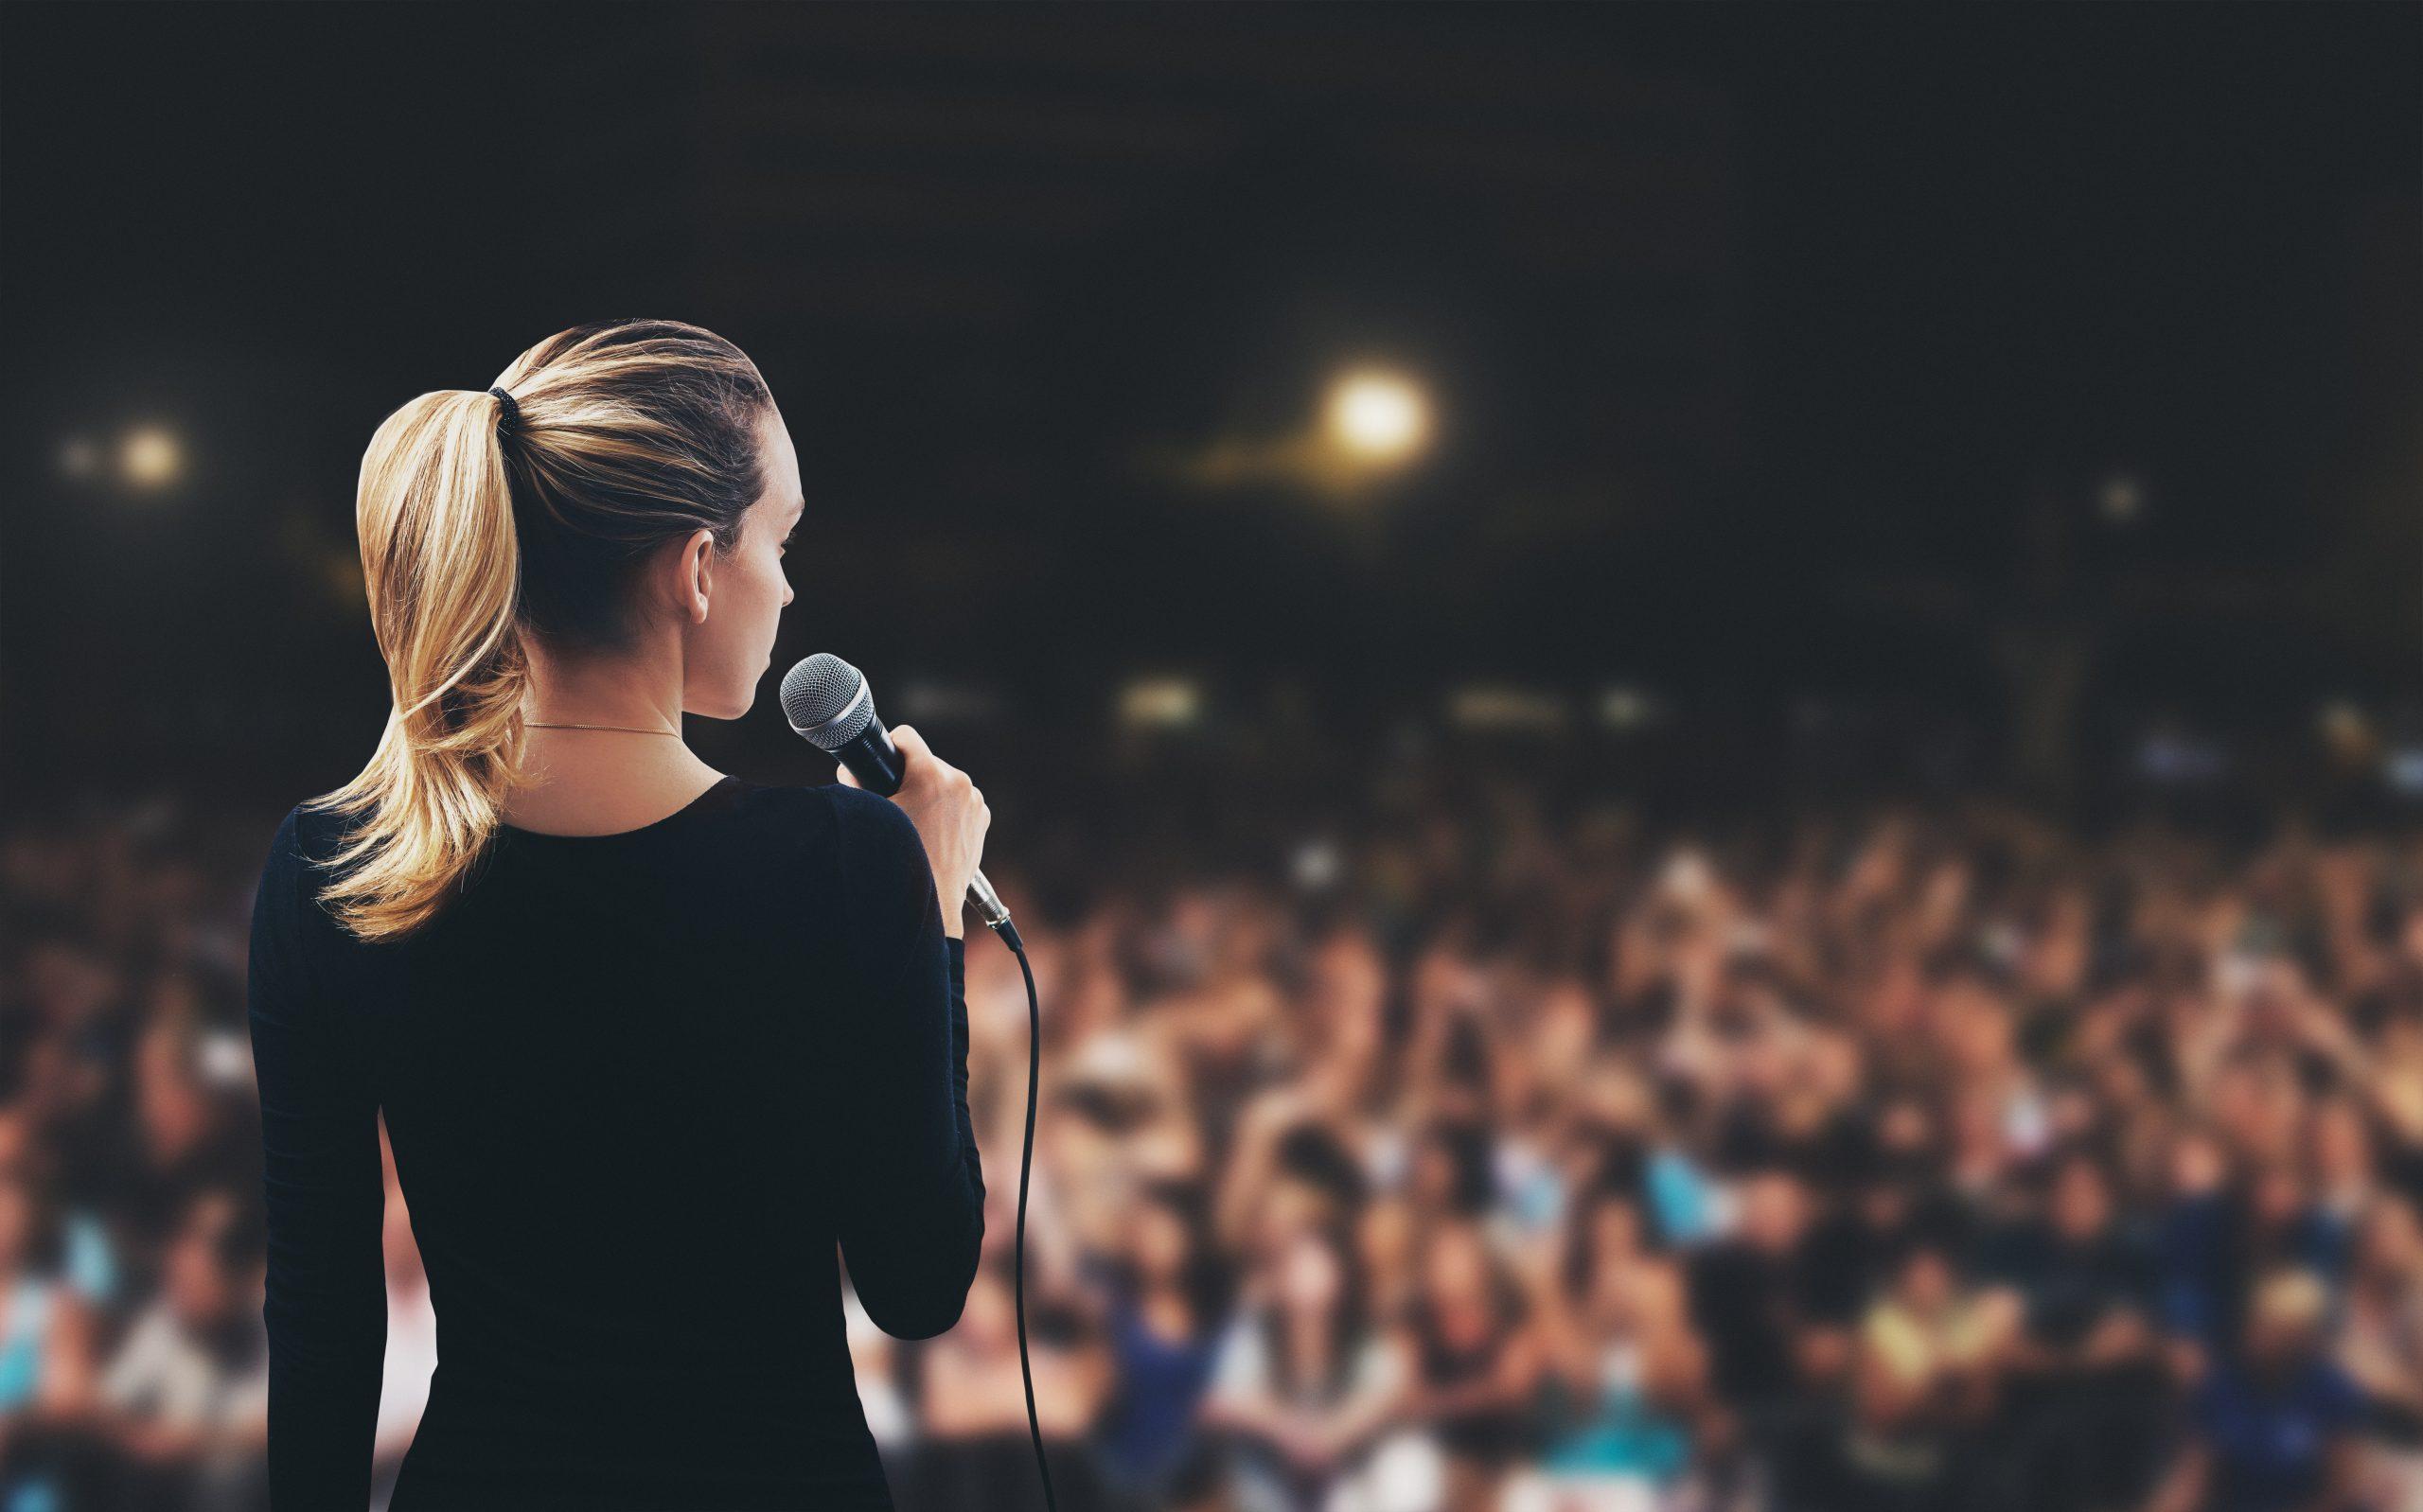 Donna con microfono su palco pubblico